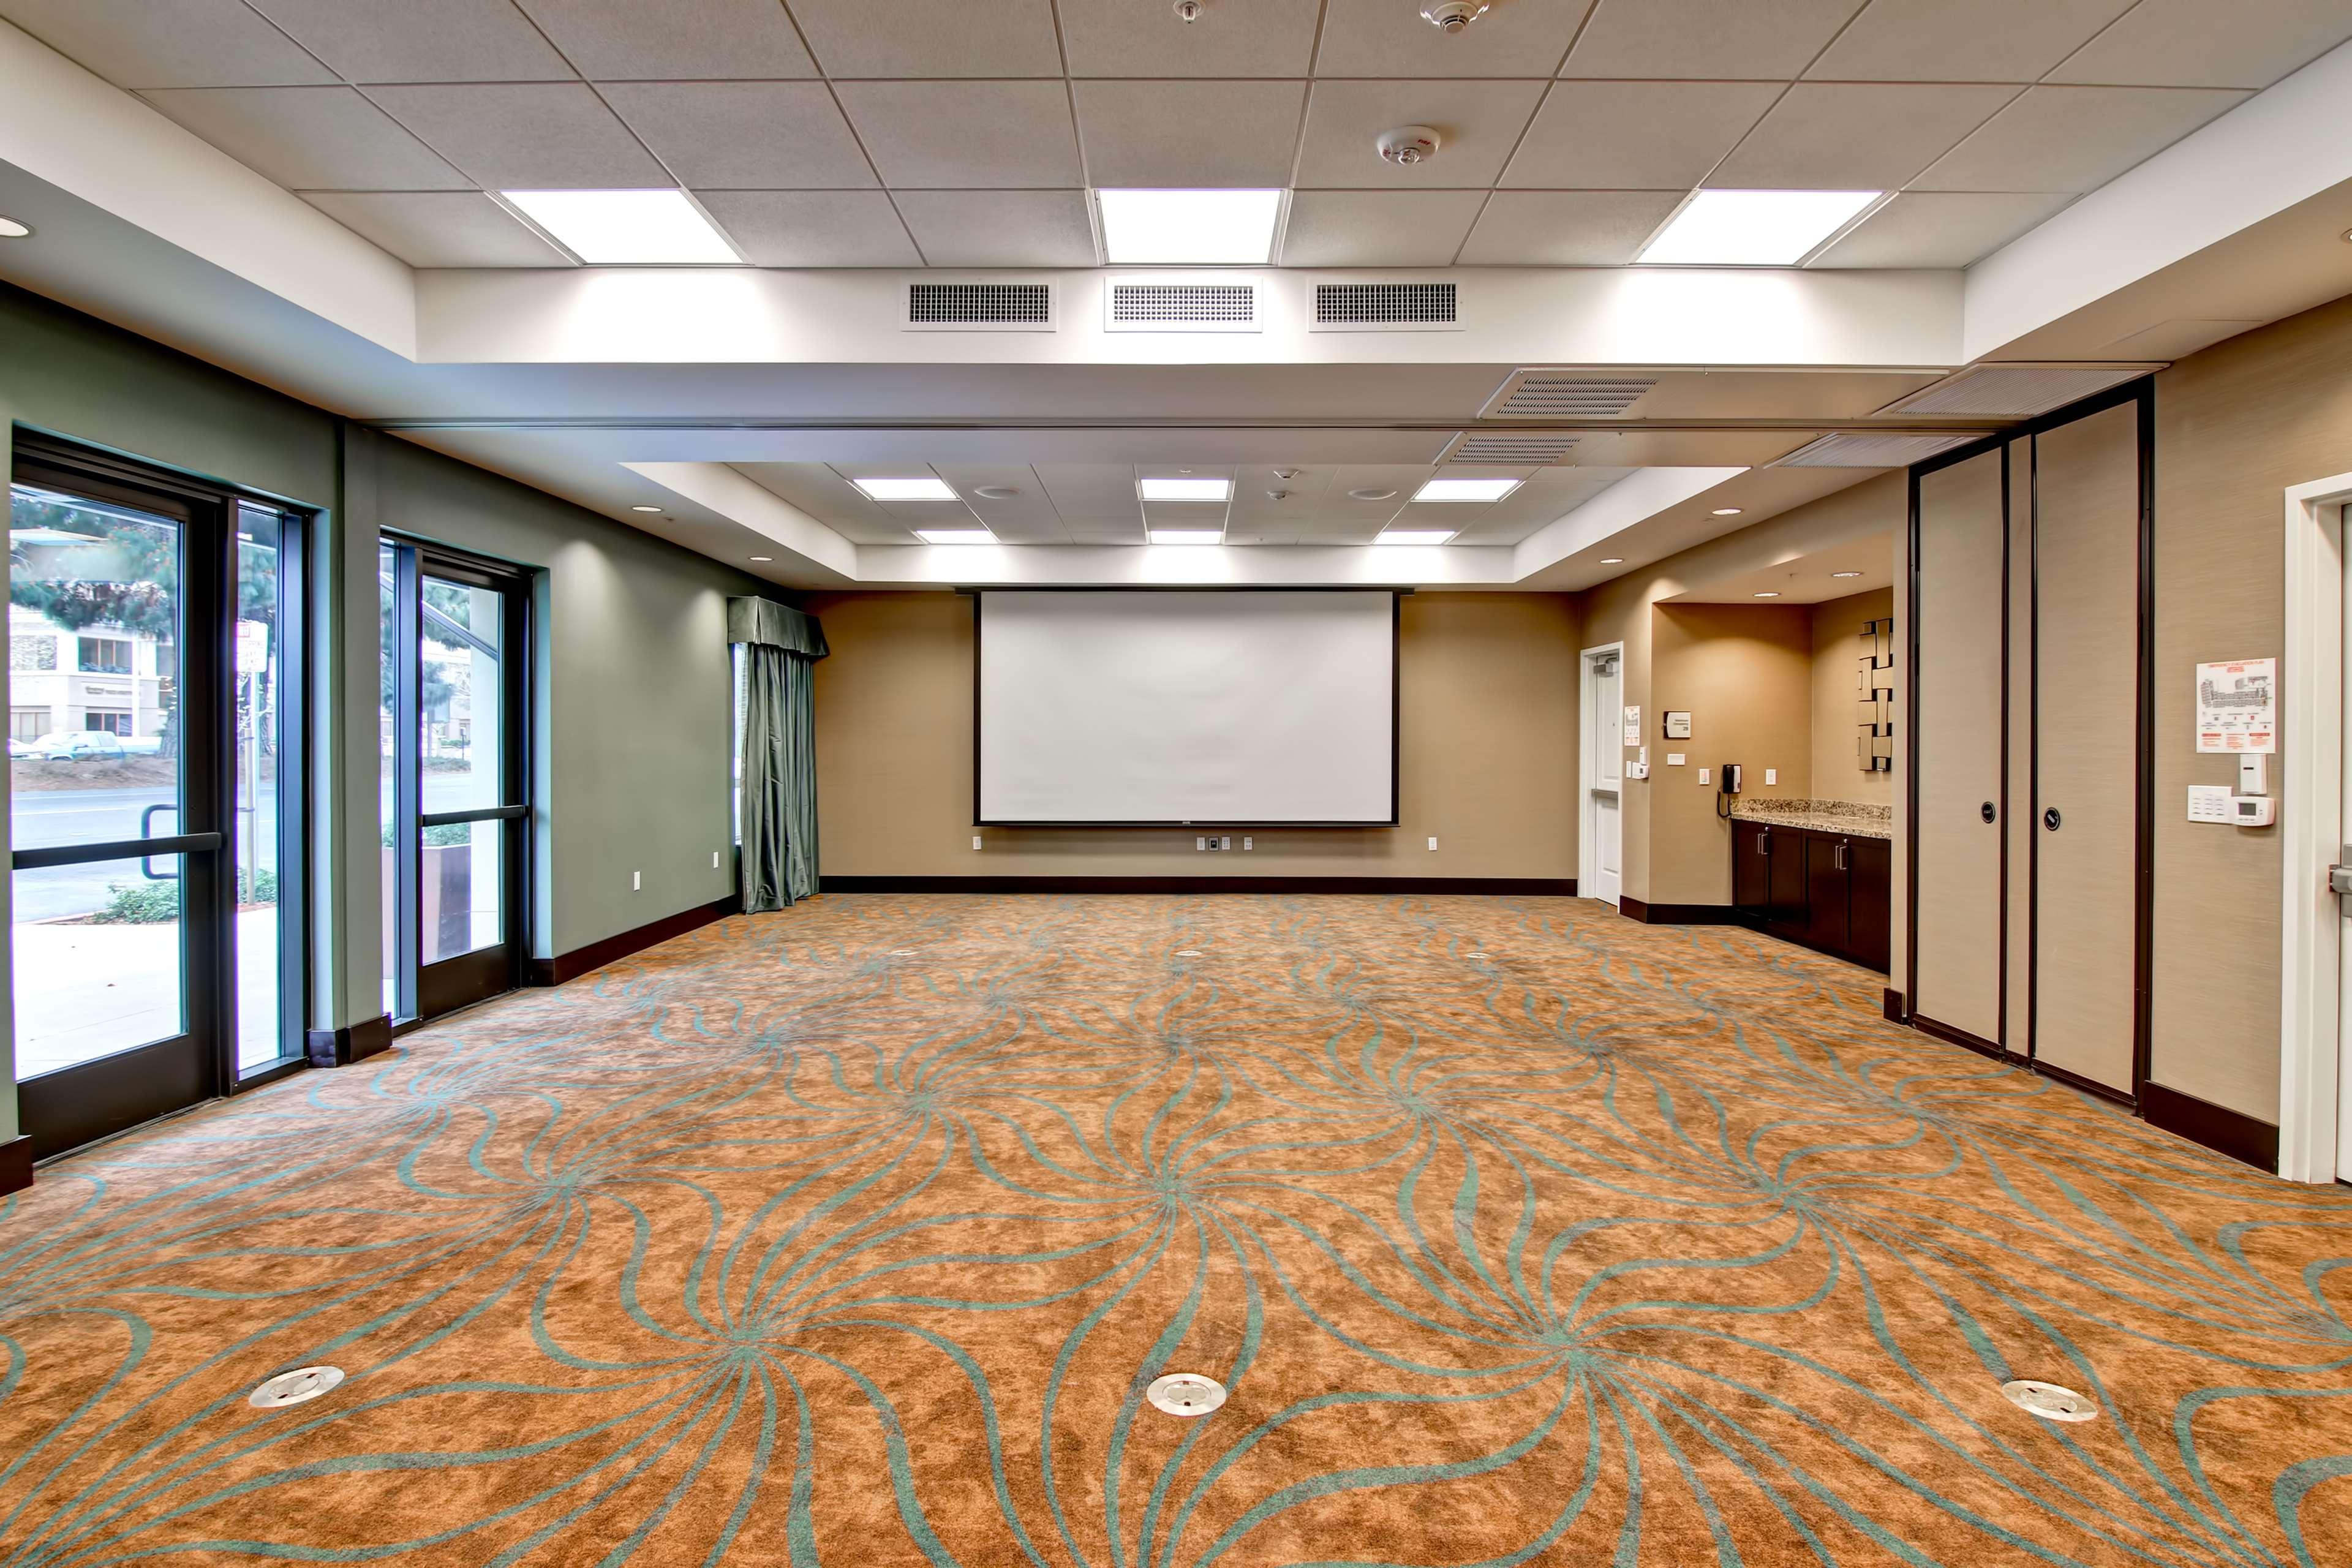 Homewood Suites by Hilton Palo Alto image 32